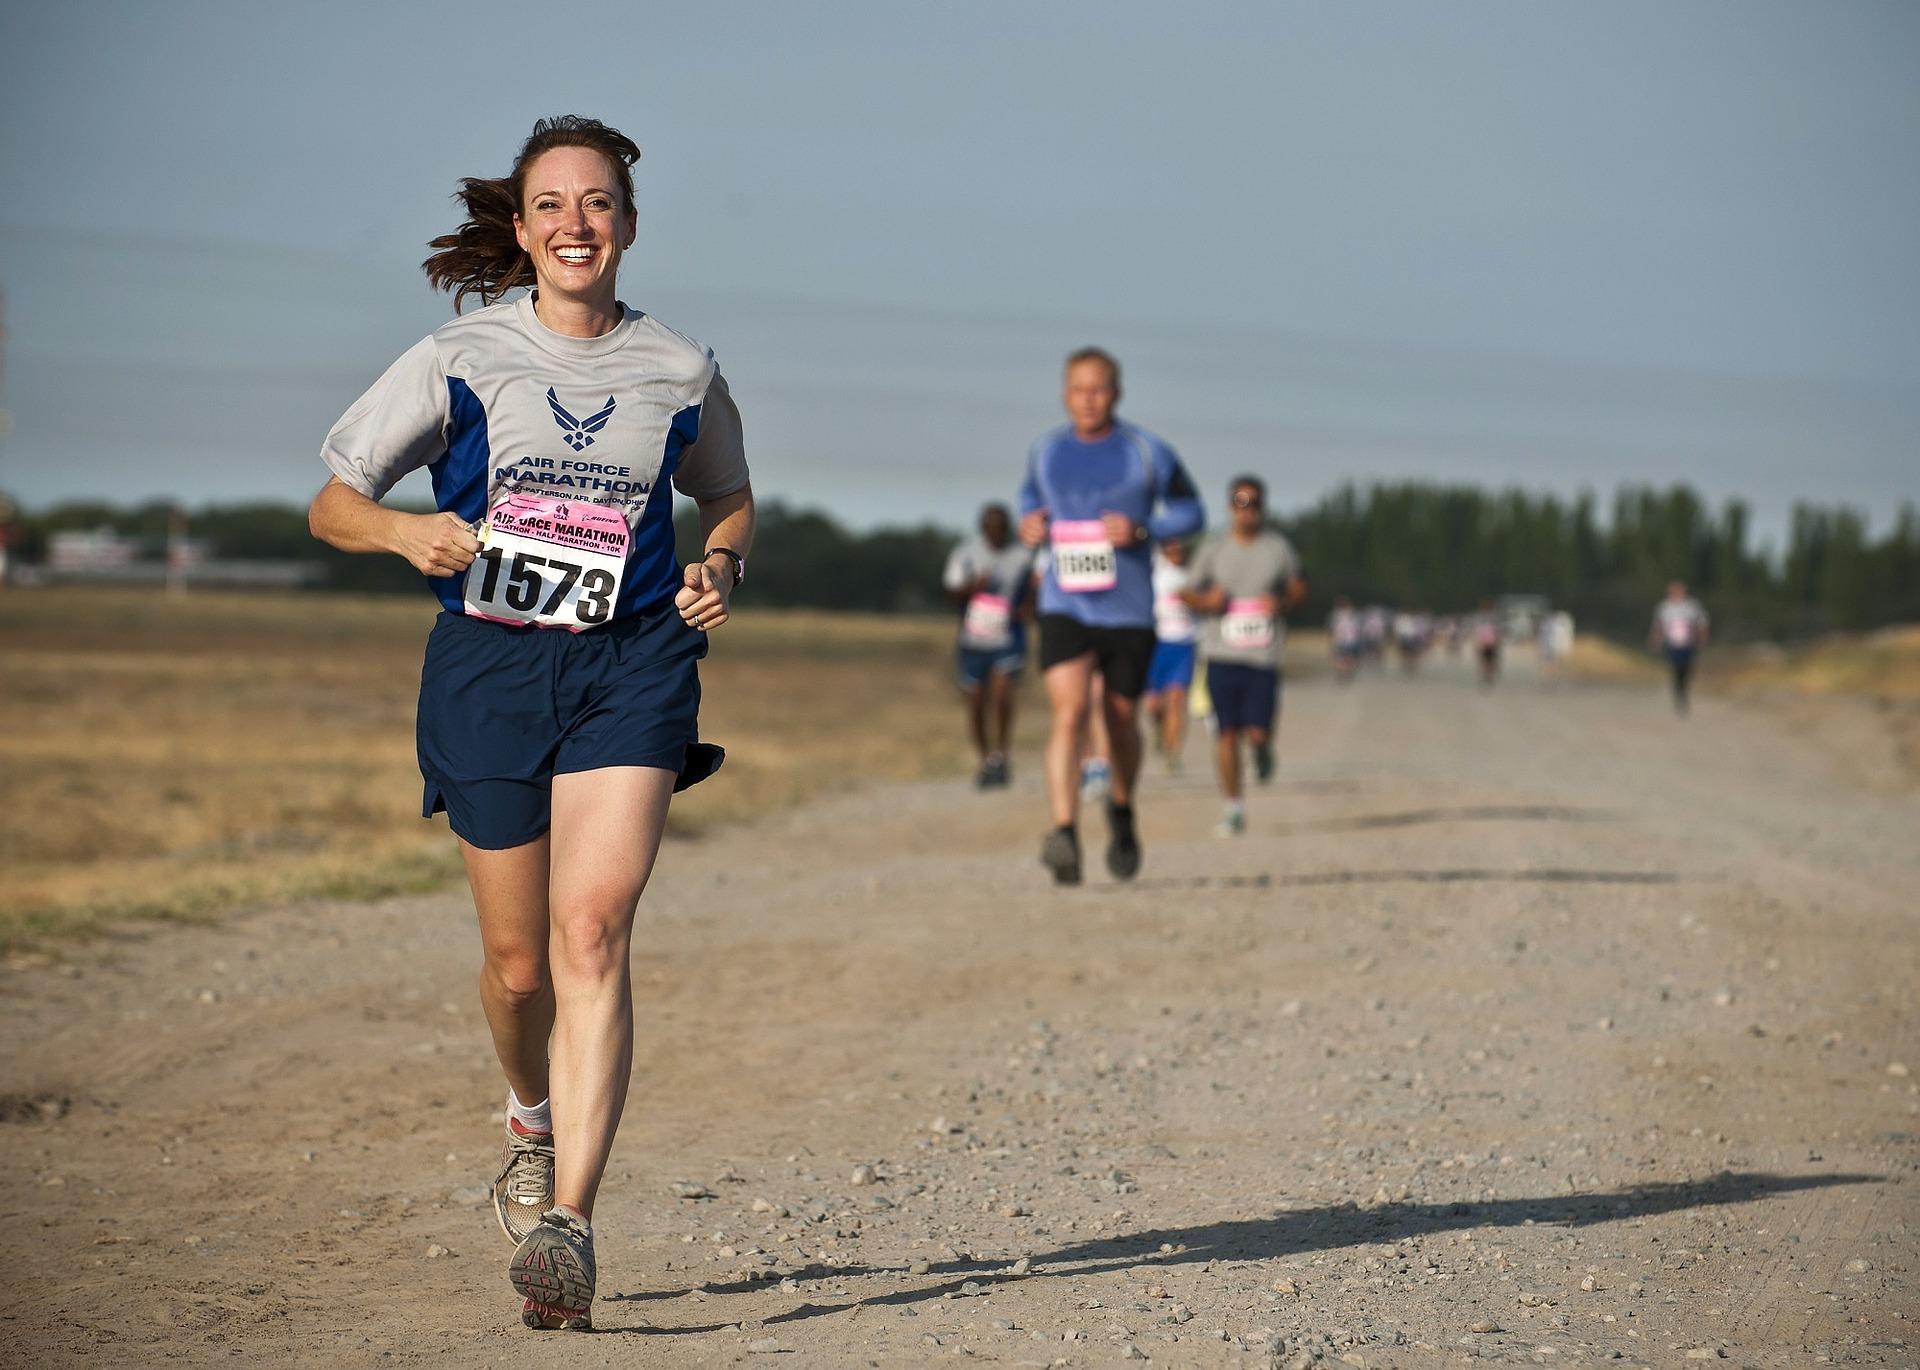 Correre la maratona ringiovanisce il sistema vascolare di 4 anni